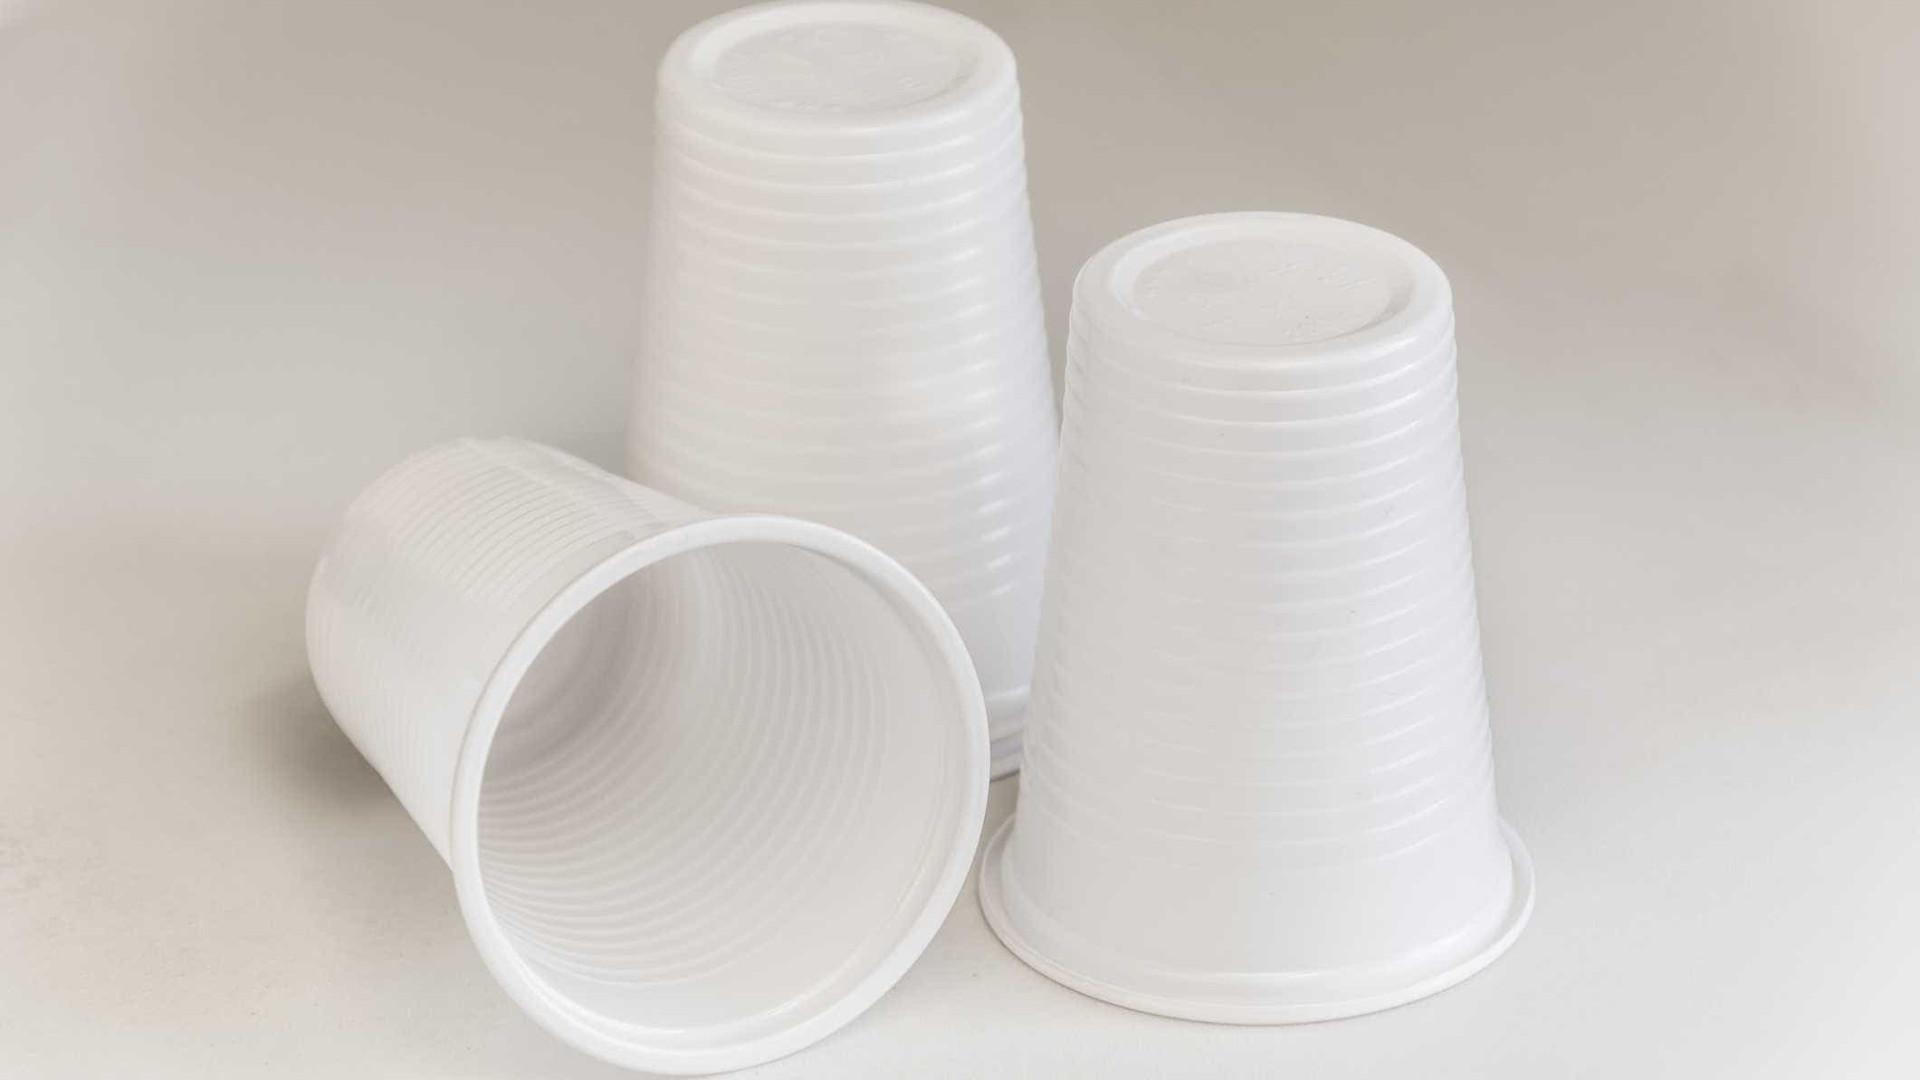 Guerra ao plástico: Lisboa quer arrancar 2021 sem copos descartáveis